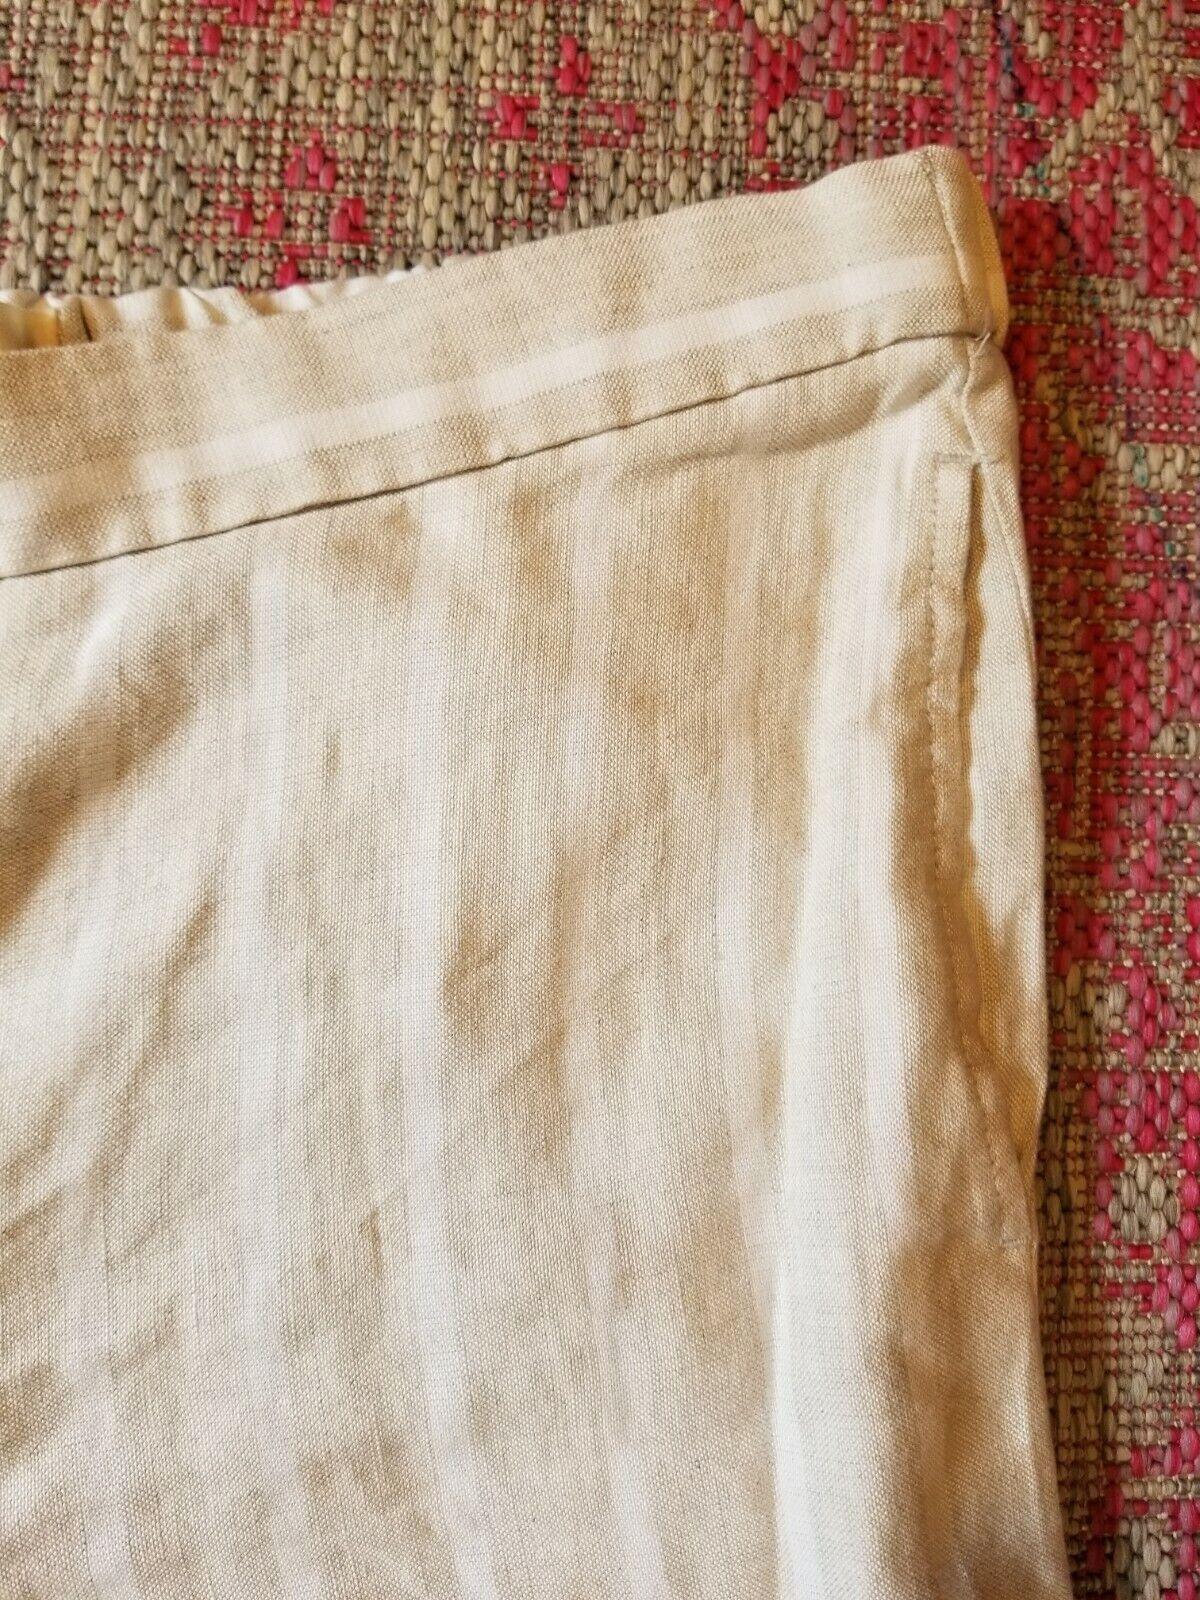 LOFT Sz L- Striped Wide Leg Crop Pant Beige White… - image 2